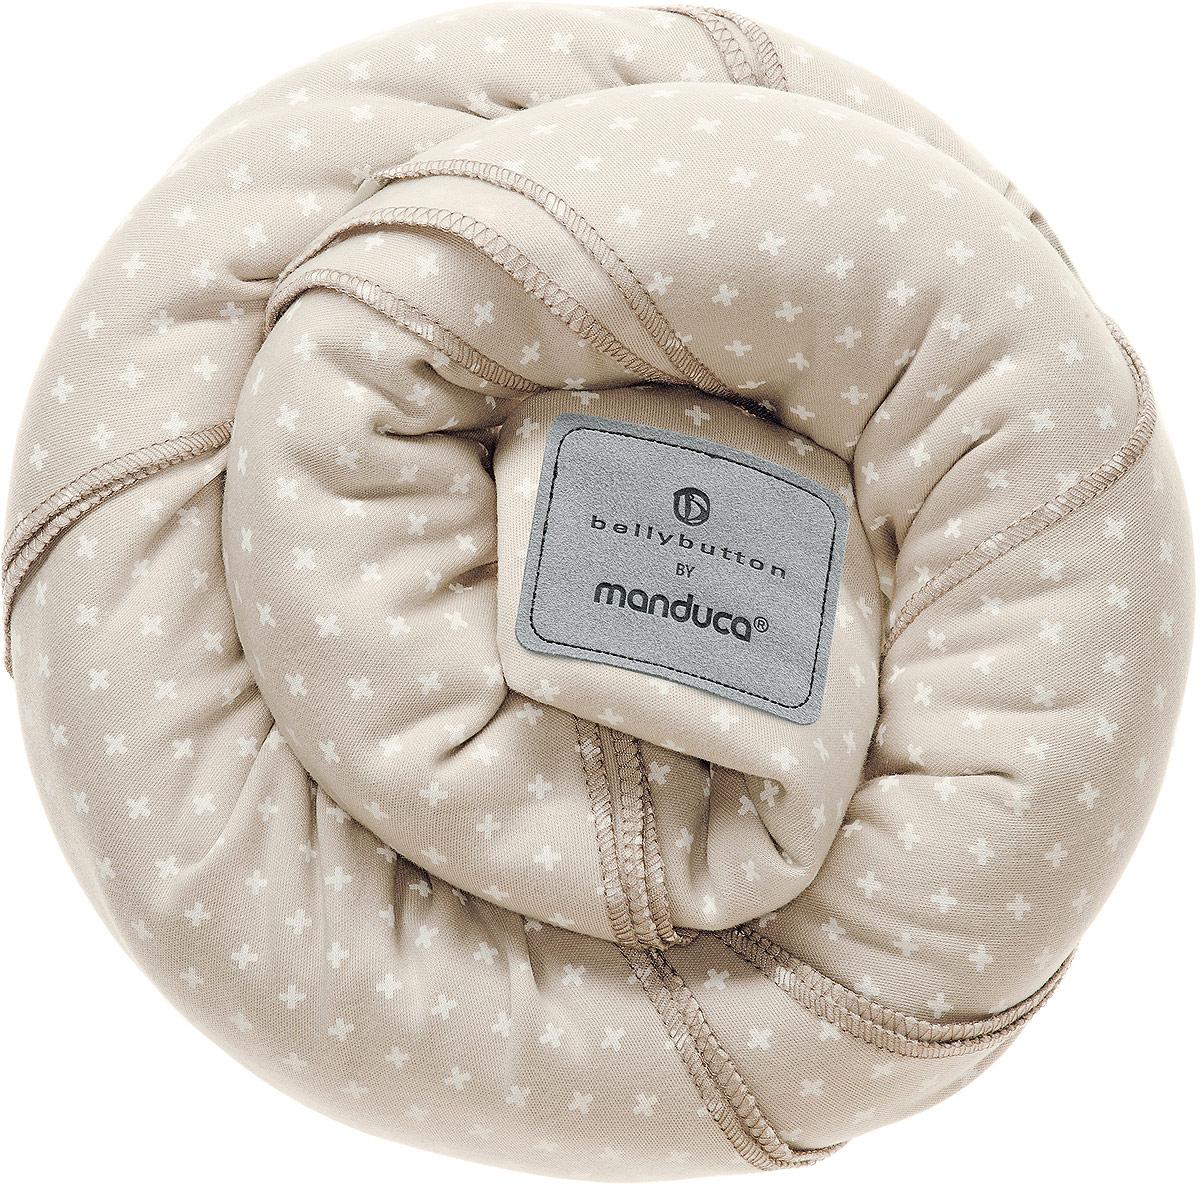 Manduca Слинг-шарф bellybutton WildCrosses цвет песочный -  Рюкзаки, слинги, кенгуру